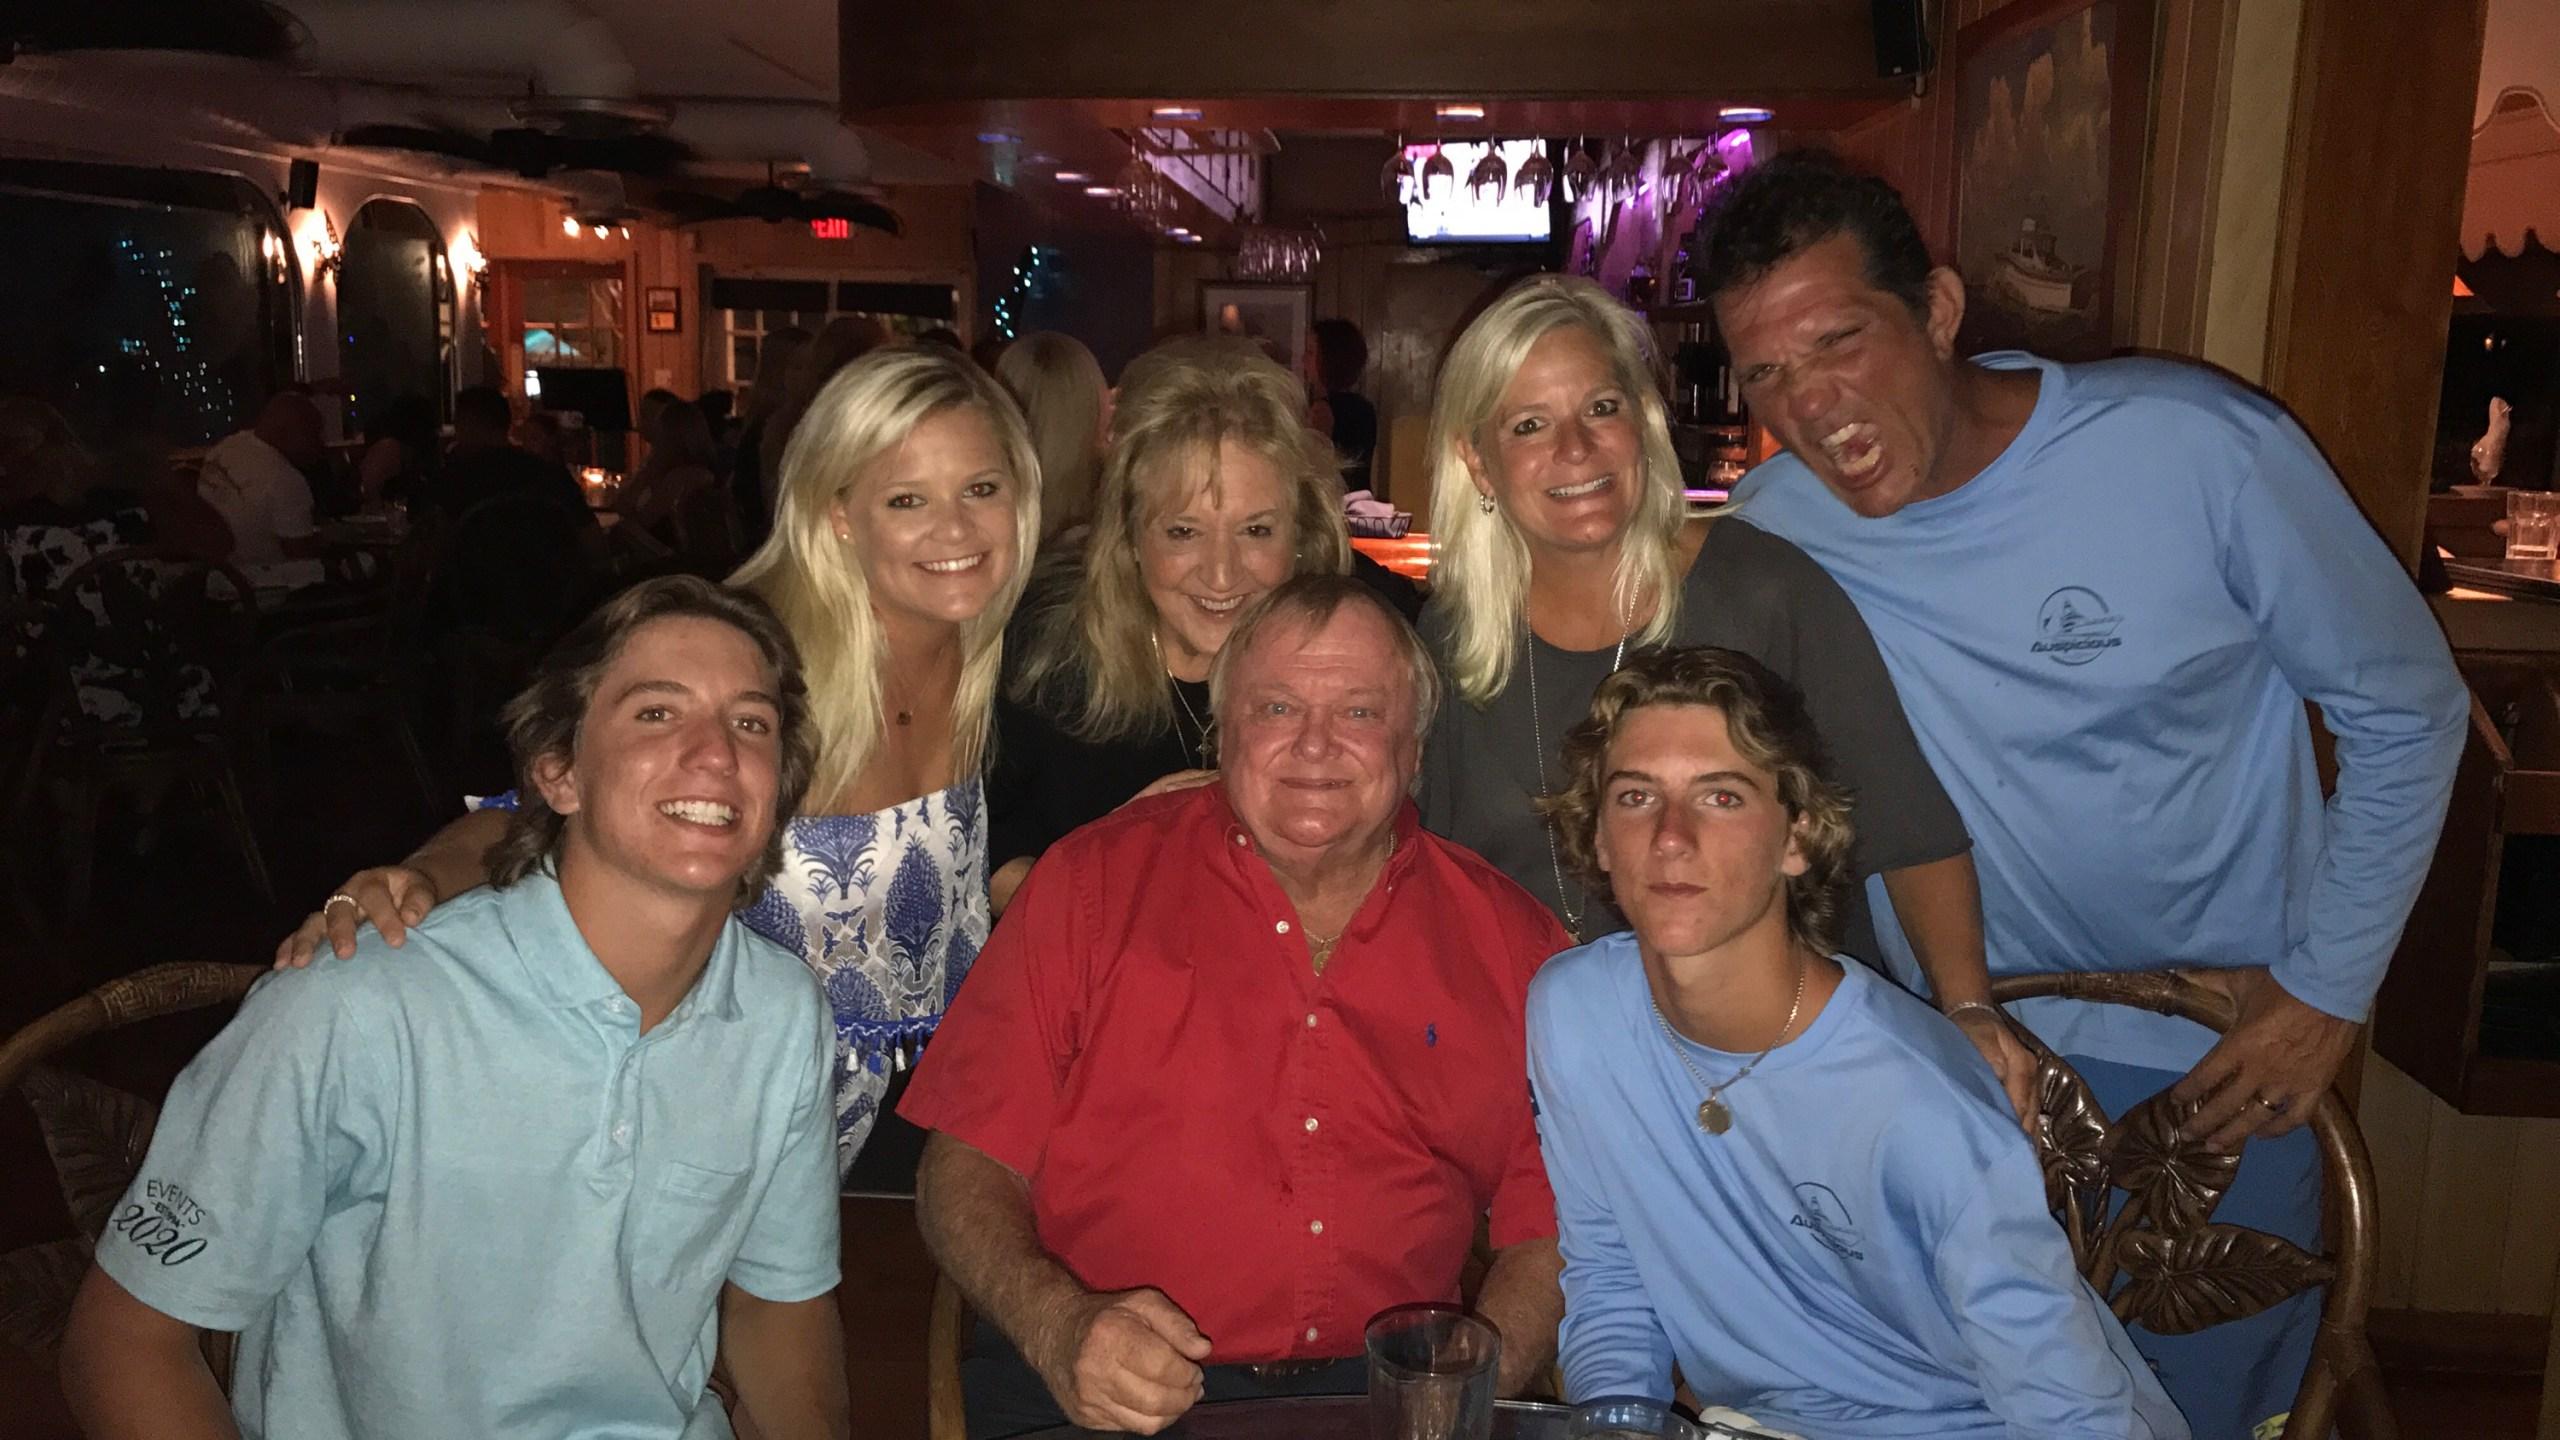 Smith Family Loves the Florida Key_314418